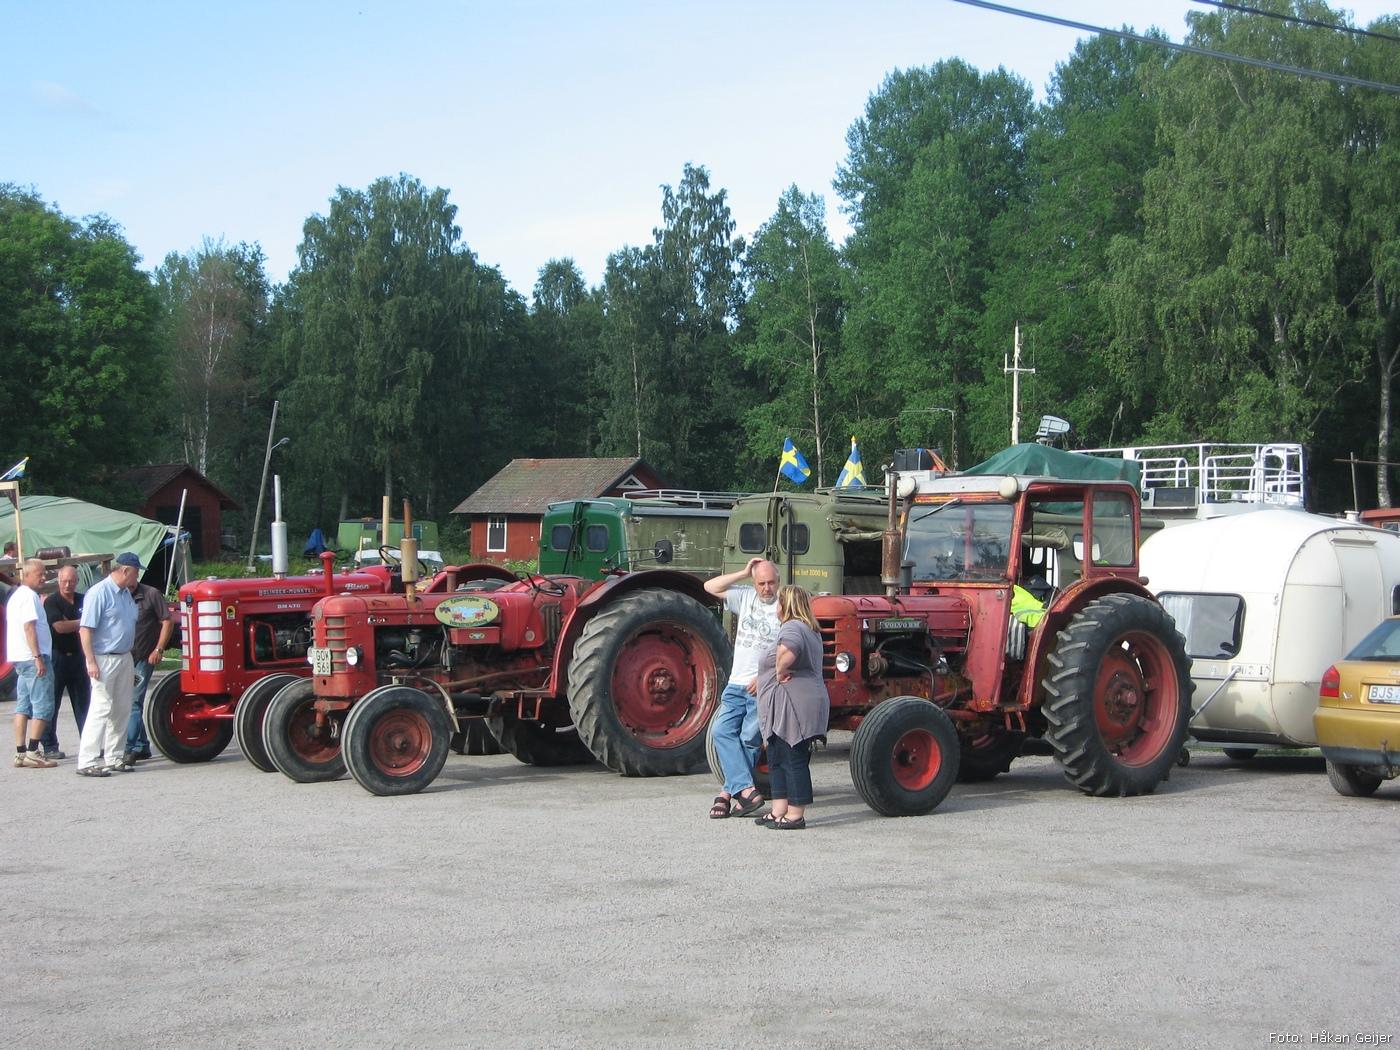 2011-07-29_83_Traktorresa